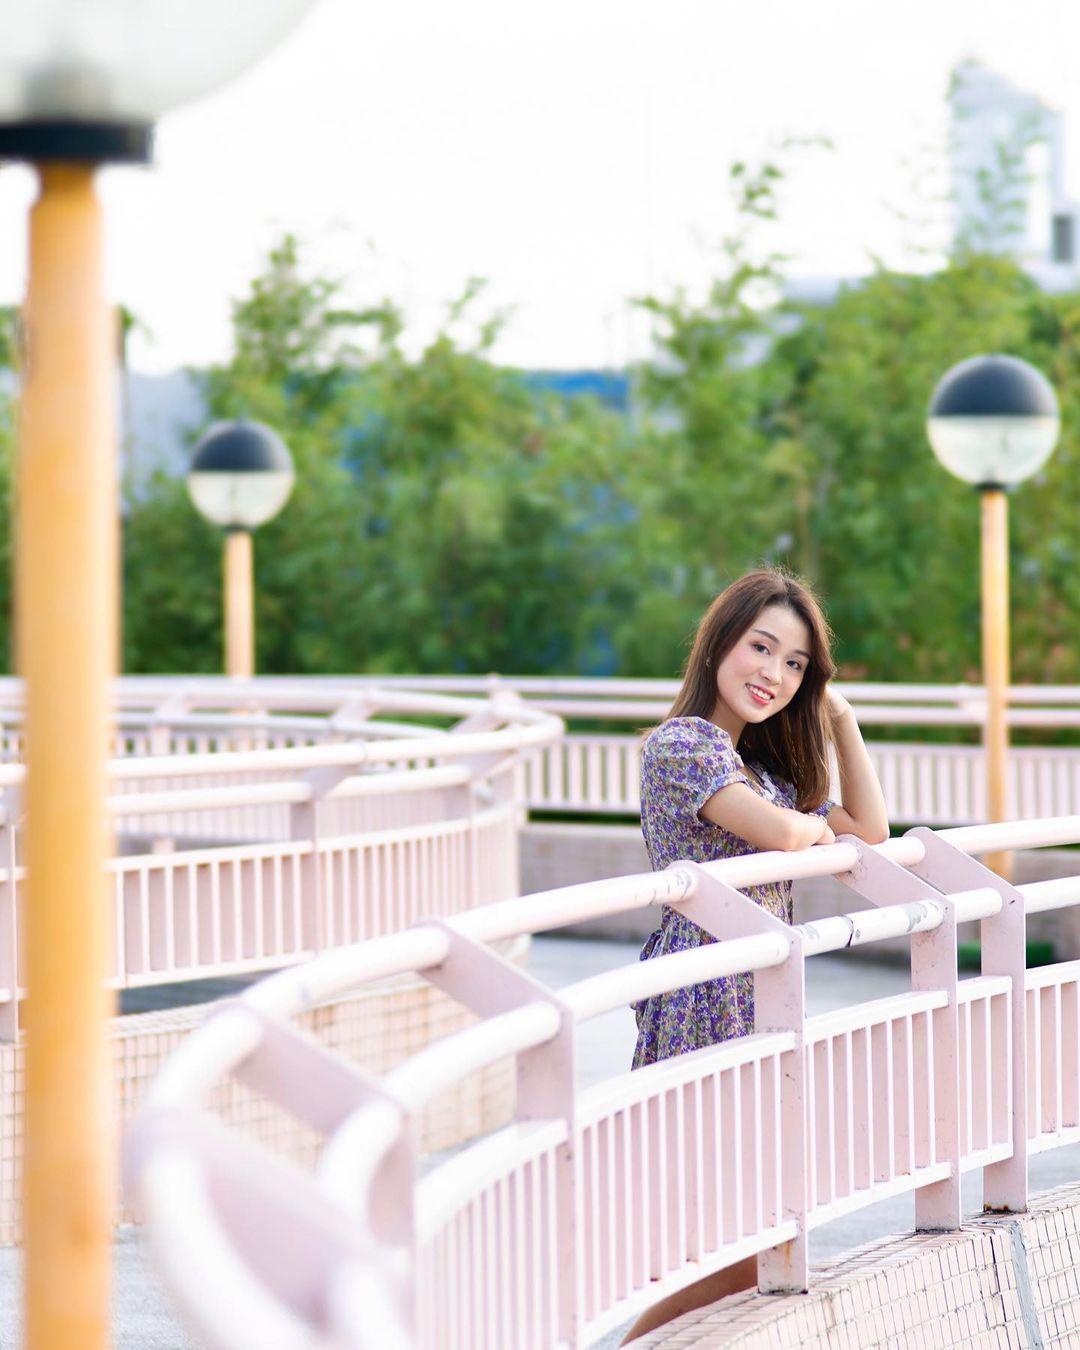 石硤尾公園粉紅色欄杆 (圖片來源:IG@_wym._)